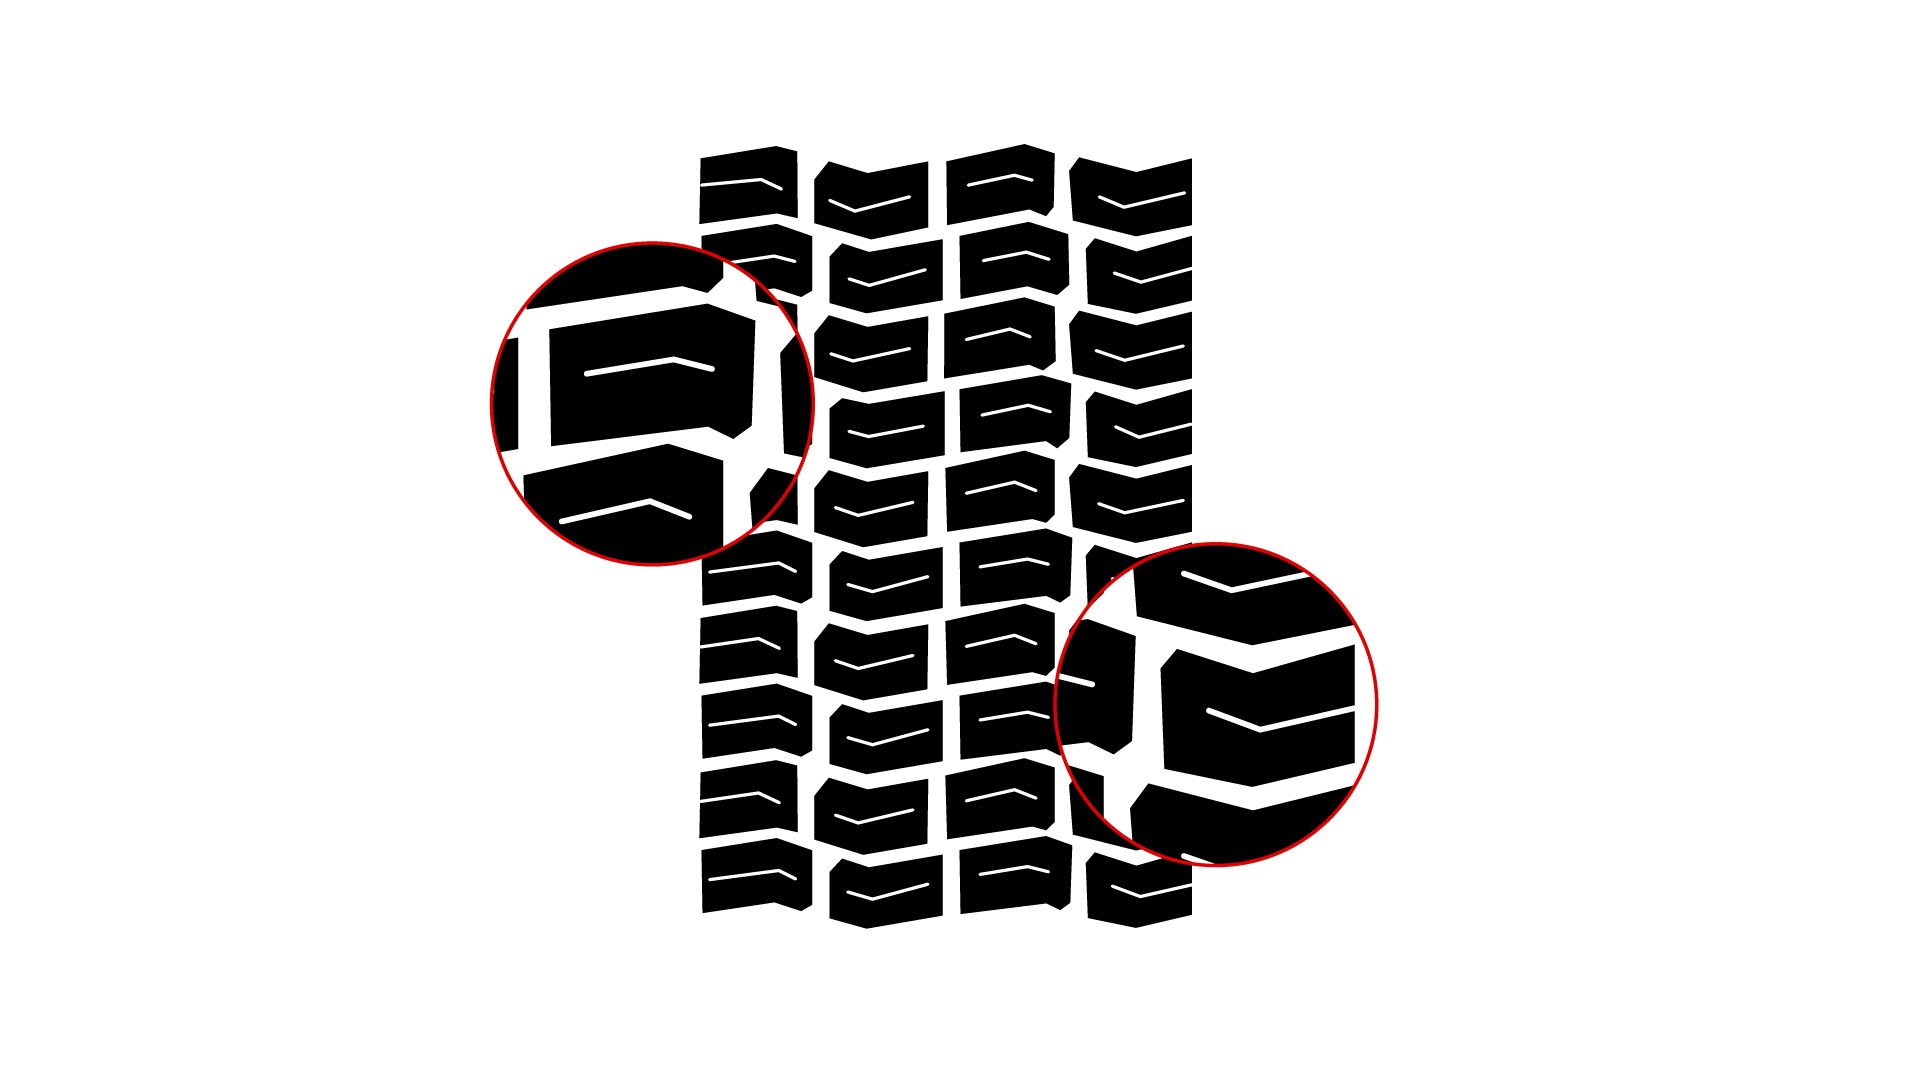 Block type